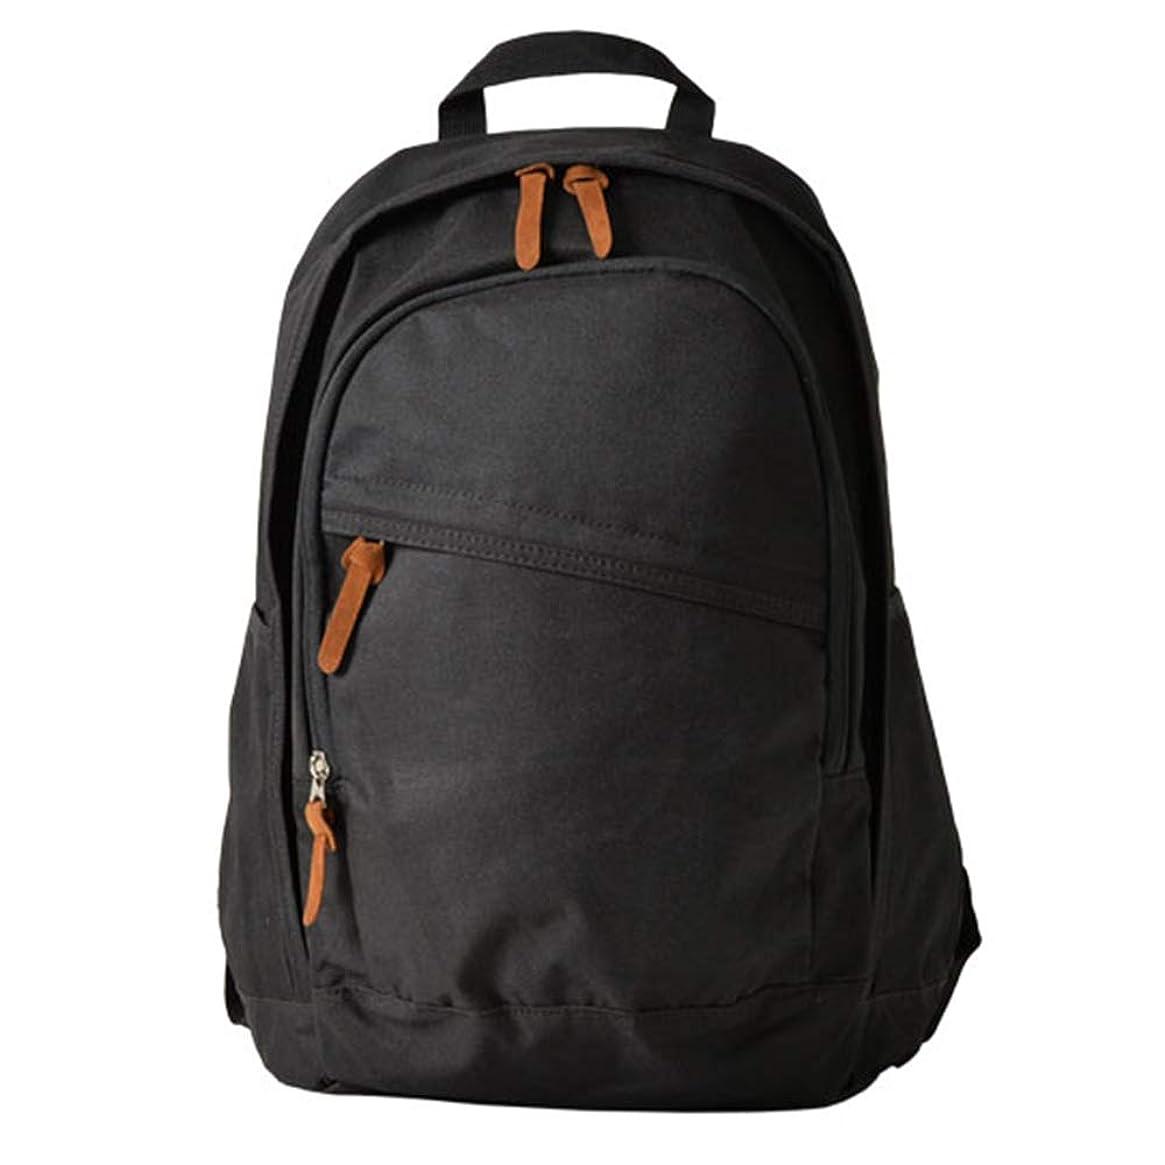 手つかずの肉アノイコンパートメントデイパック リュック バックパック デイパック メンズ レディース カバン かばん 鞄 [ 1103-004-CPZ ]